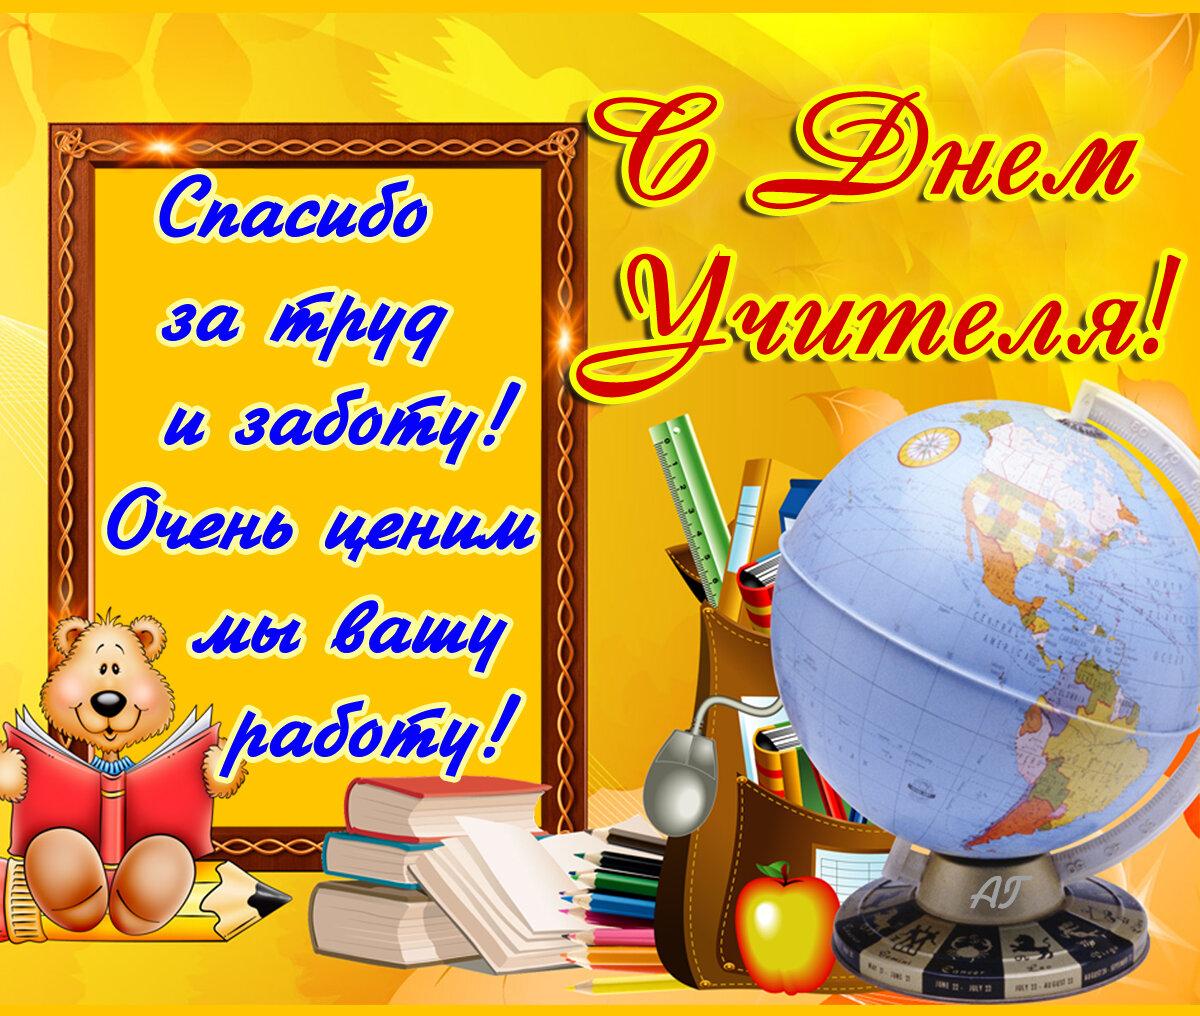 Праздник день учителя картинки